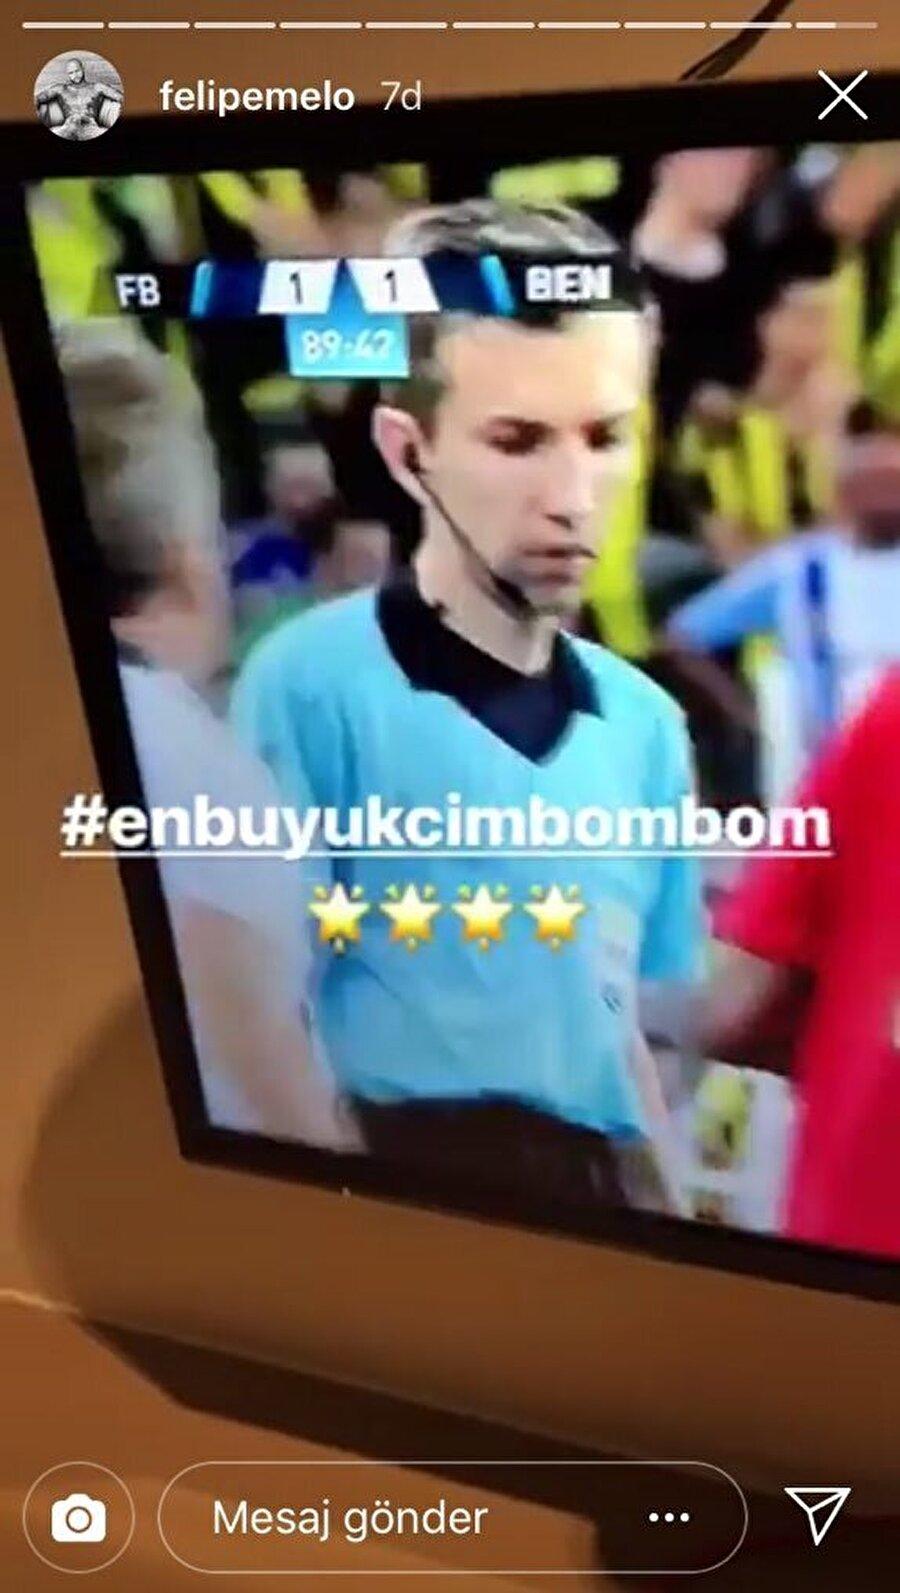 """Melo, Instagram hesabının hikaye bölümünde Fenerbahçe - Benfica maçından bir kare paylaştı ve """"En büyük cimbom"""" ifadesini kullandı."""